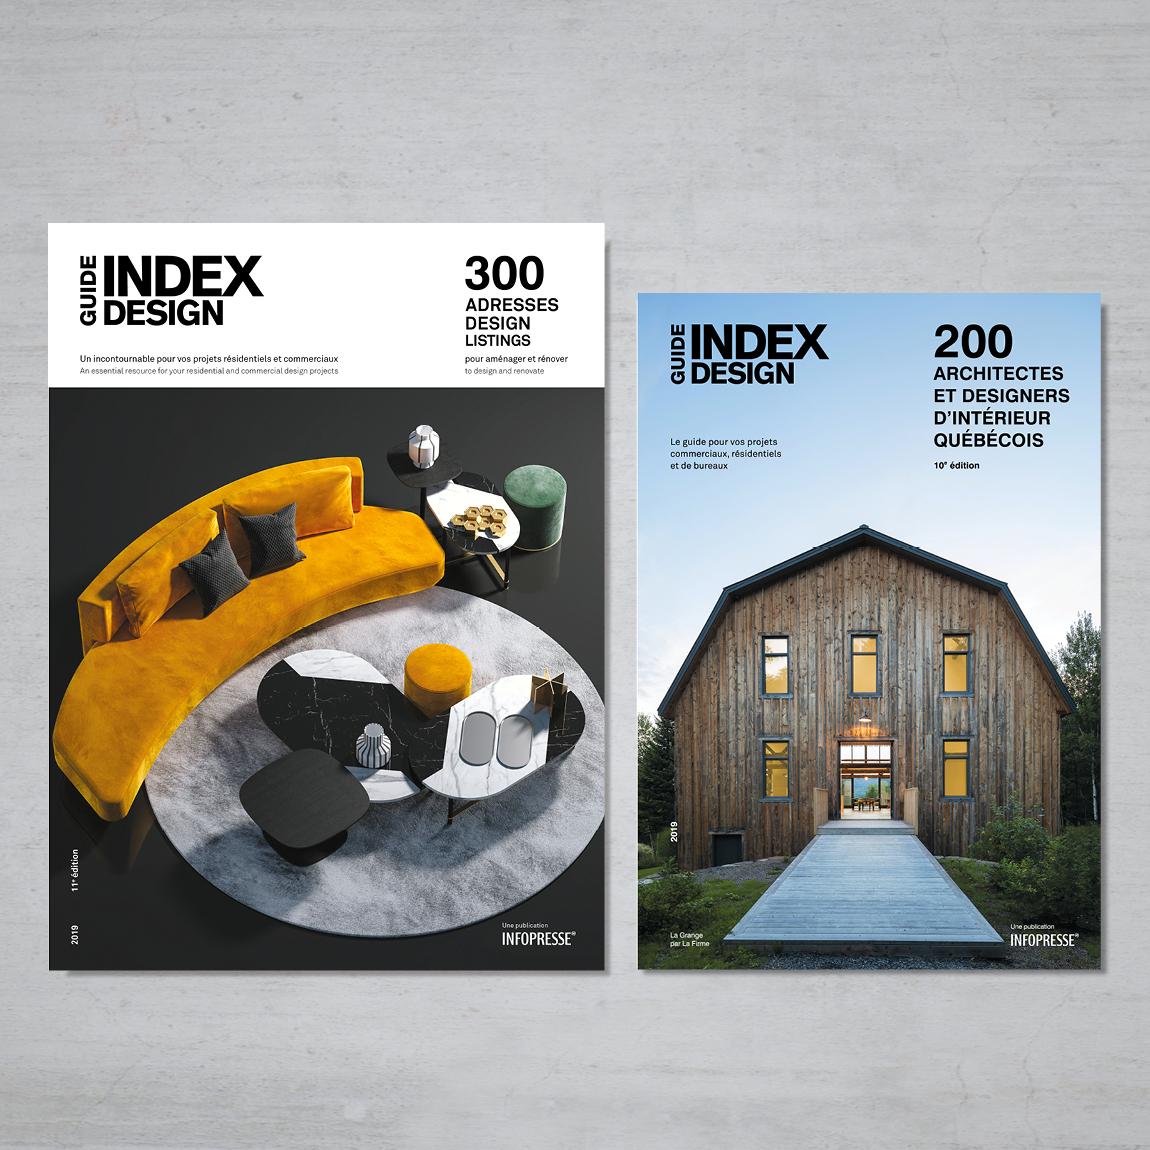 DUO - GUIDE 300 ADRESSES DESIGN & GUIDE 200 ARCHITECTES ET DESIGNERS D'INTÉRIEUR QUÉBÉCOIS  $29.95  Dans ce duo, vous retrouverez la 10e édition du Guide – 200 architectes et designers d'intérieur québécois et la 11e édition du Guide – 300 adresses design pour aménager et rénover. Ainsi, vous avez en main deux références incontournables pour vous inspirer dans vos projets. Vous découvrirez les meilleures adresses au Québec sans effort de recherche.